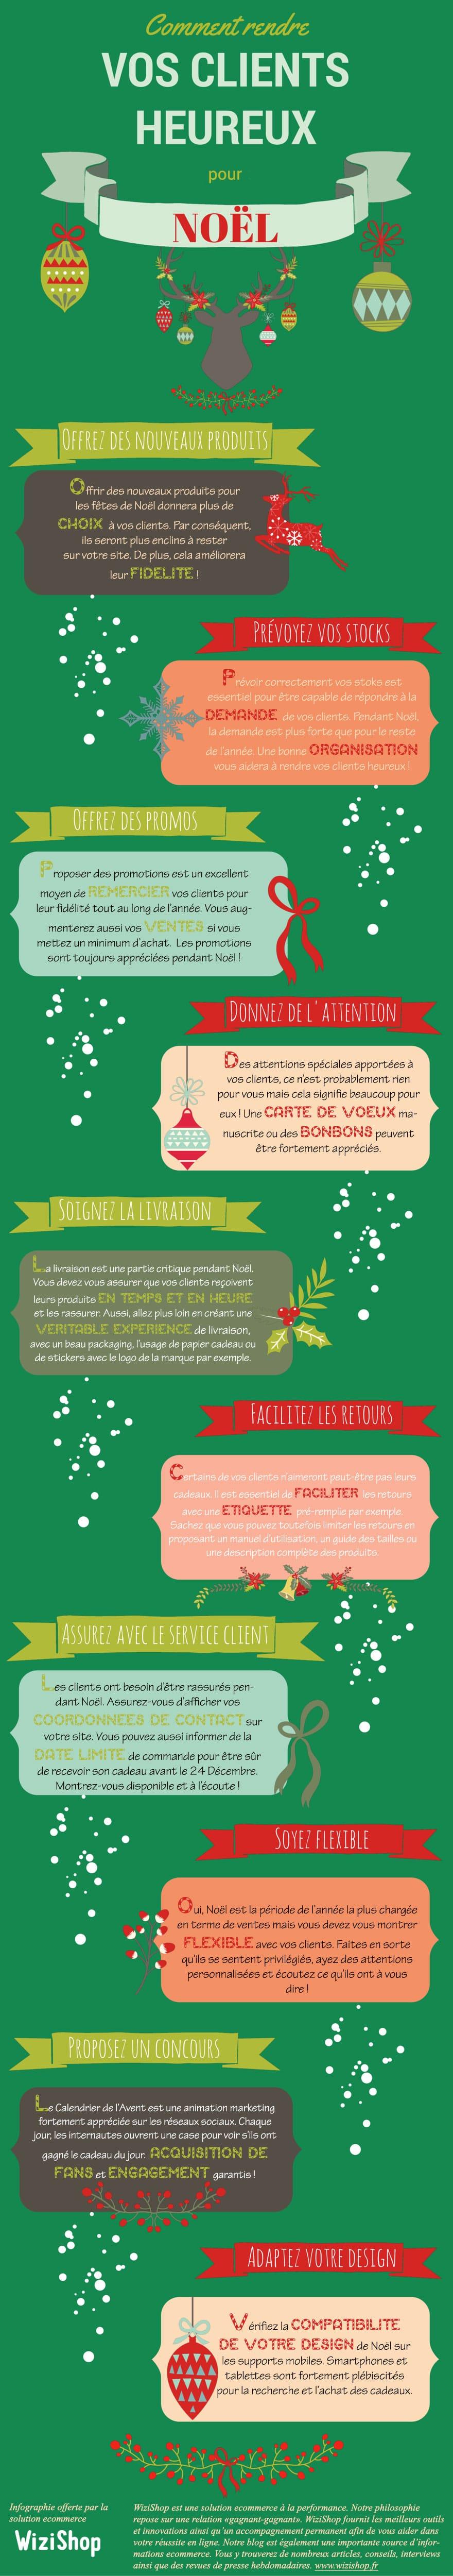 infographie-ecommerce-comment-rendre-clients-heureux-noel